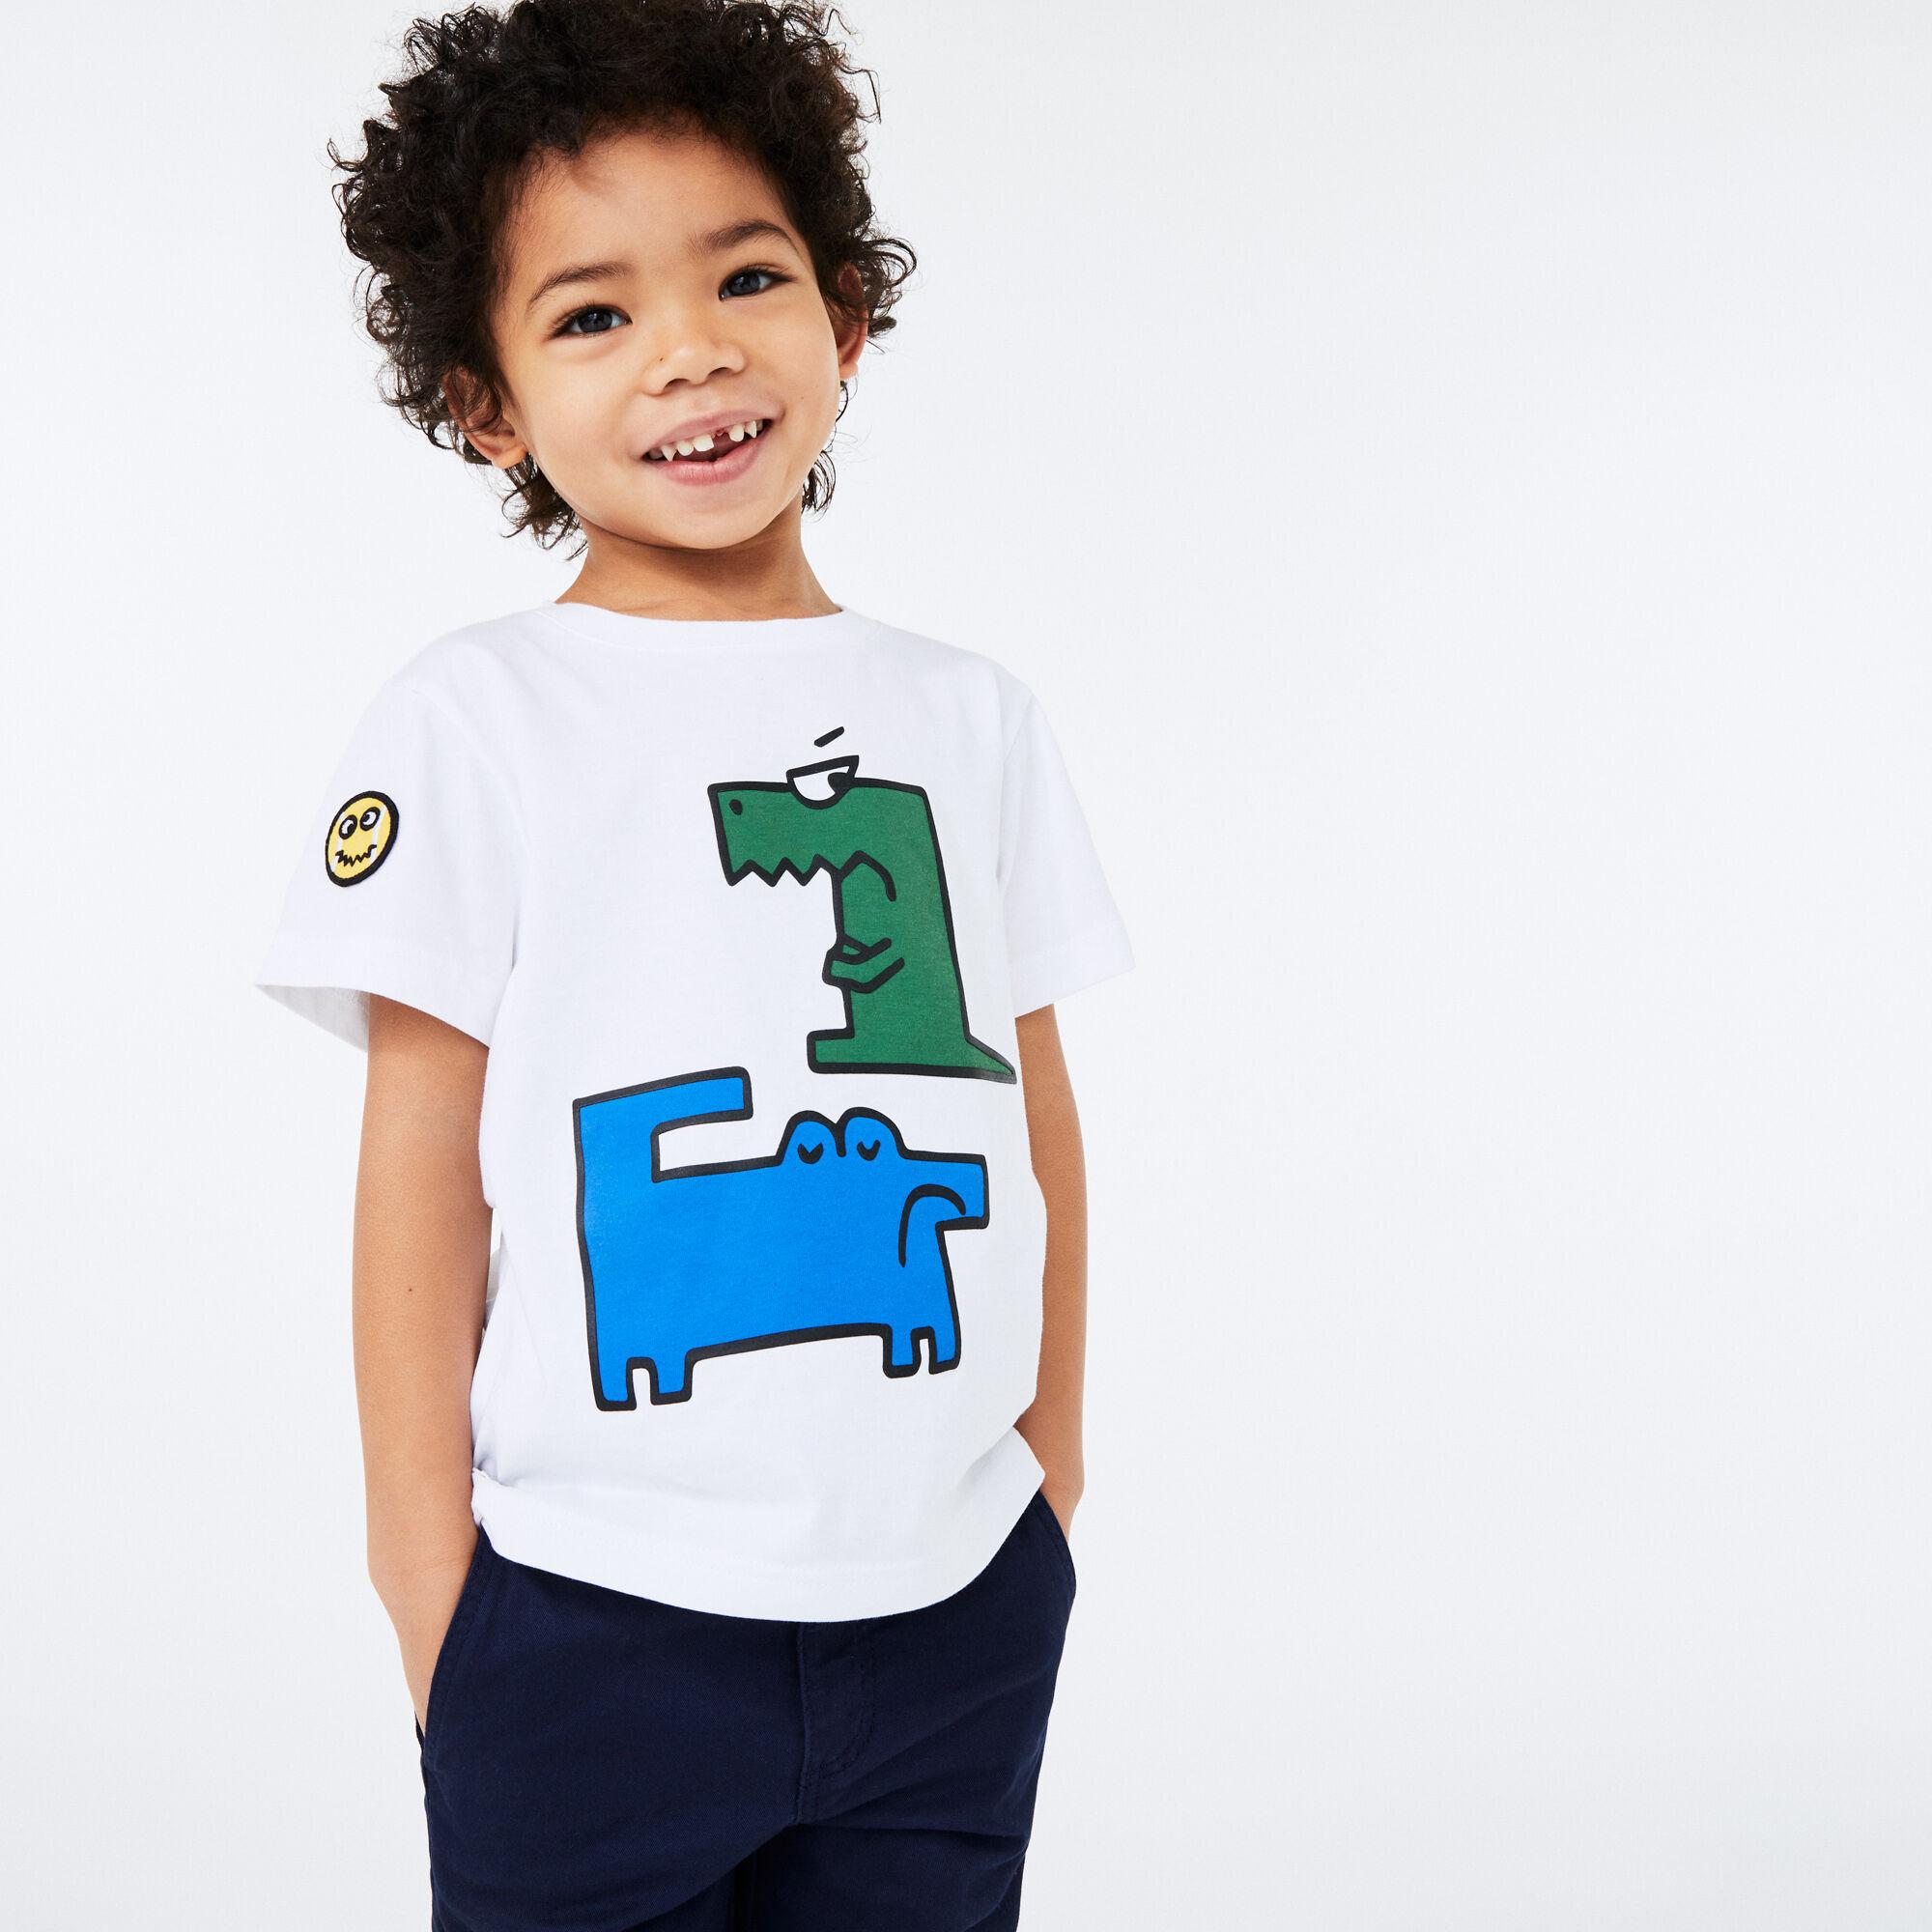 تي شيرت قطن بفتحة رقبة مستديرة مع شعار التمساح المطبوع للأولاد